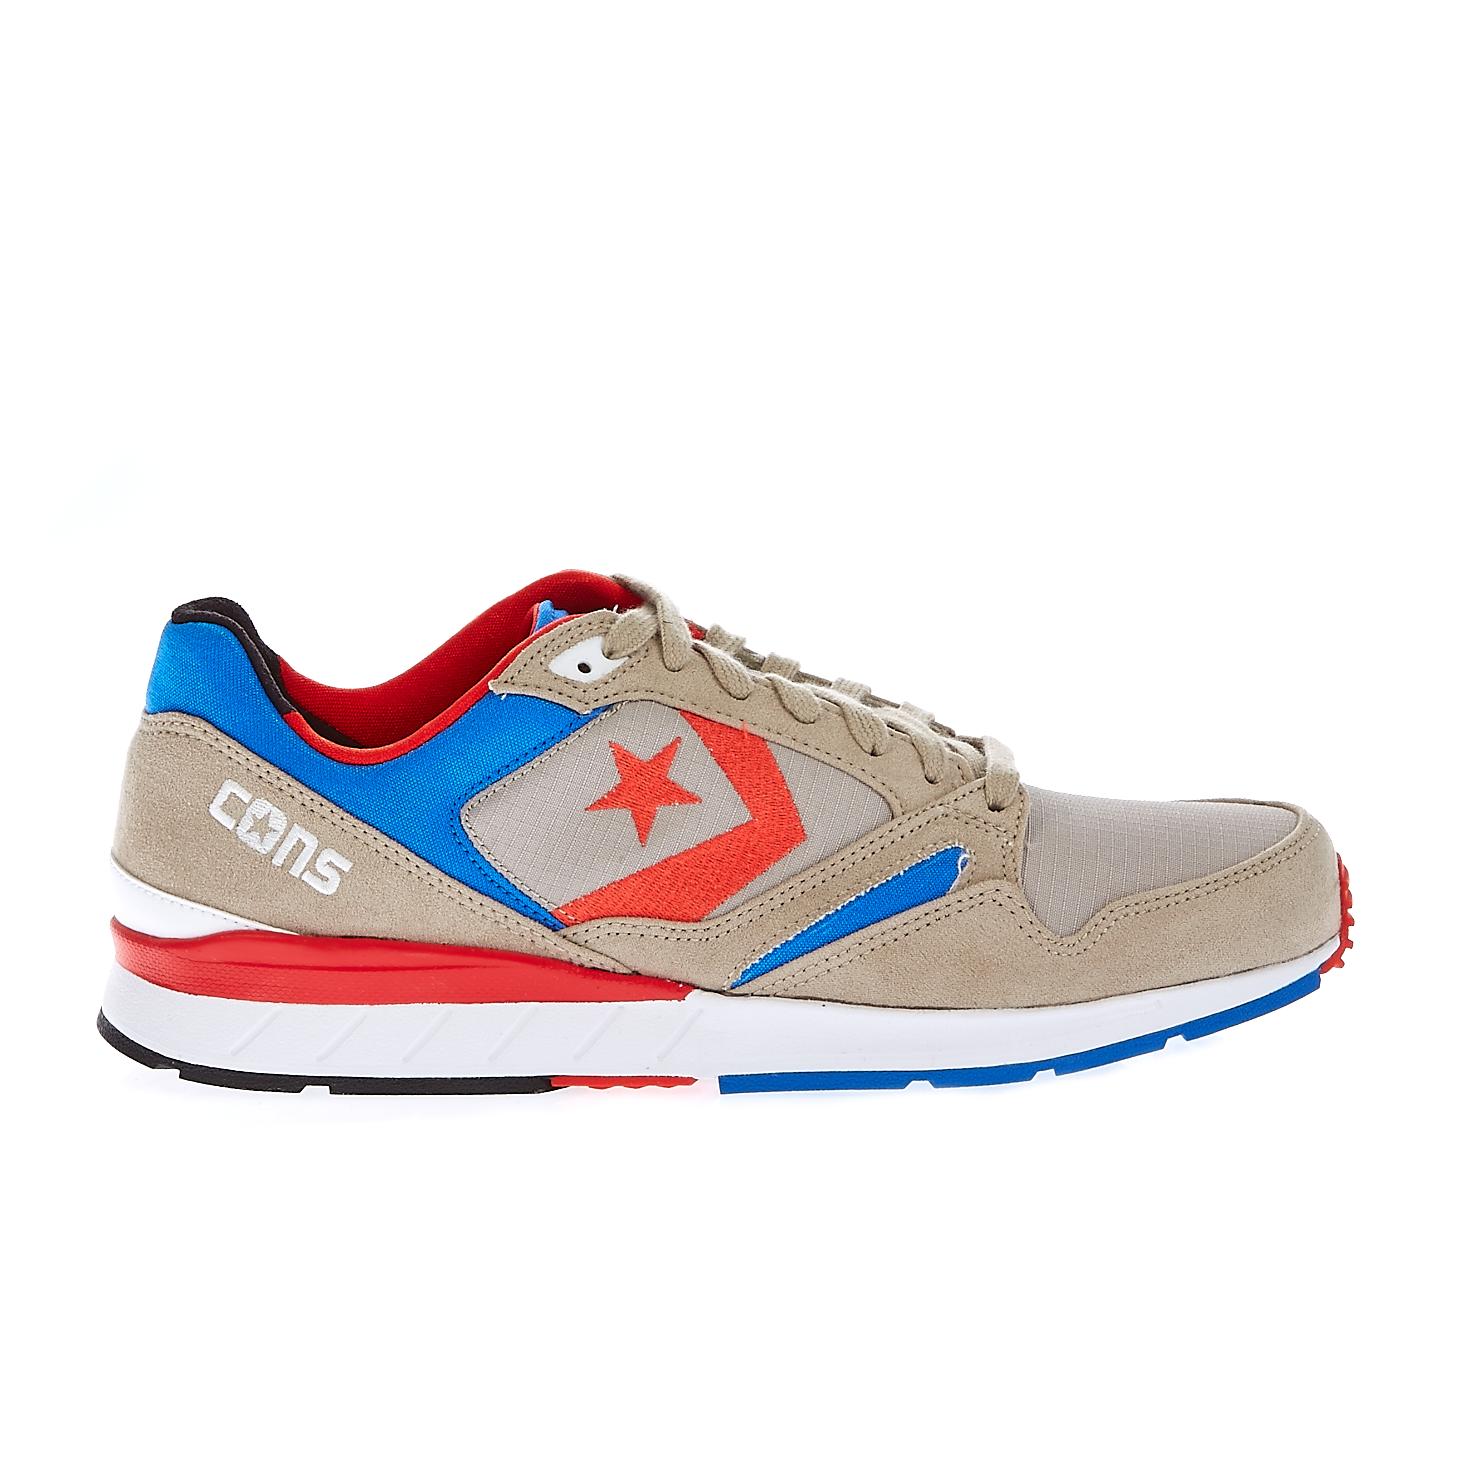 CONVERSE - Ανδρικά παπούτσια Wave Racer μπεζ ανδρικά παπούτσια sneakers